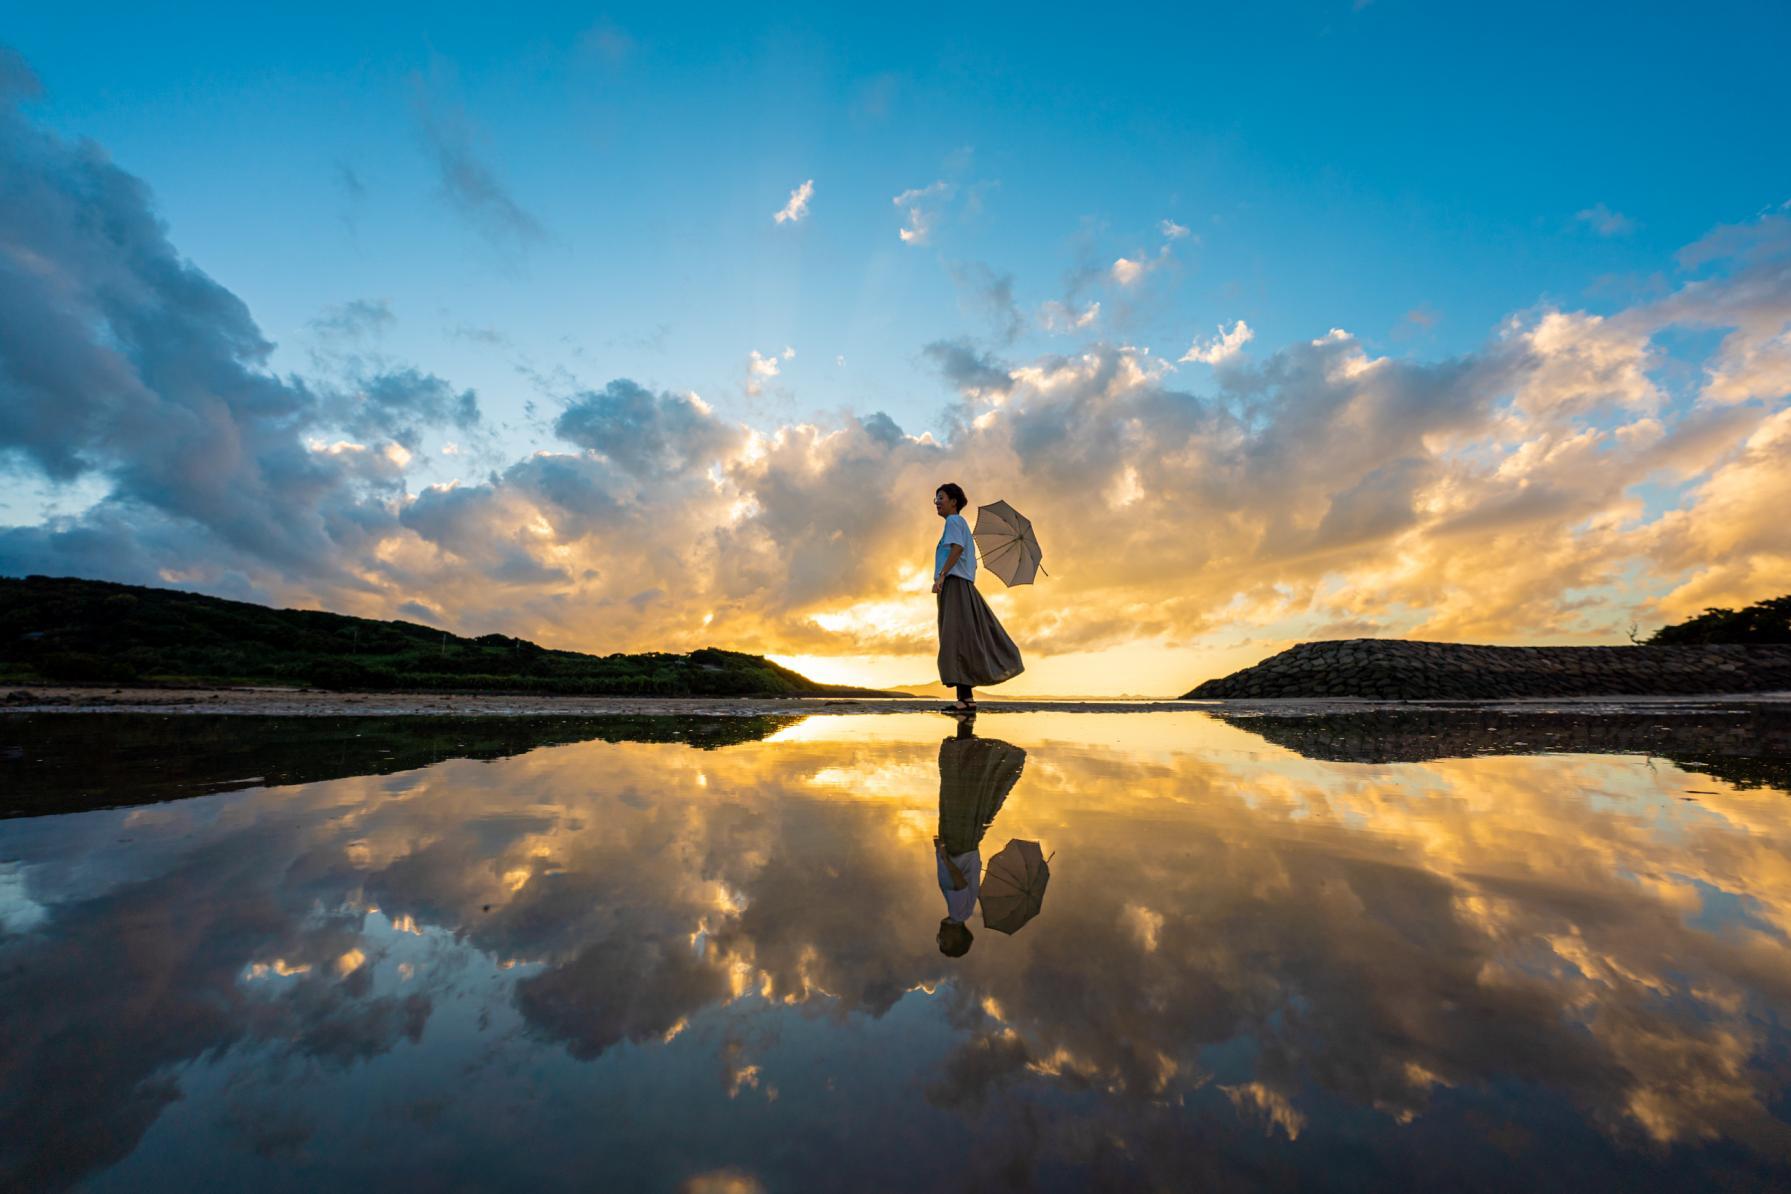 九州のウユニ塩湖・大崎海水浴場で撮る!歓声が上がるほど完璧なリフレクション-0